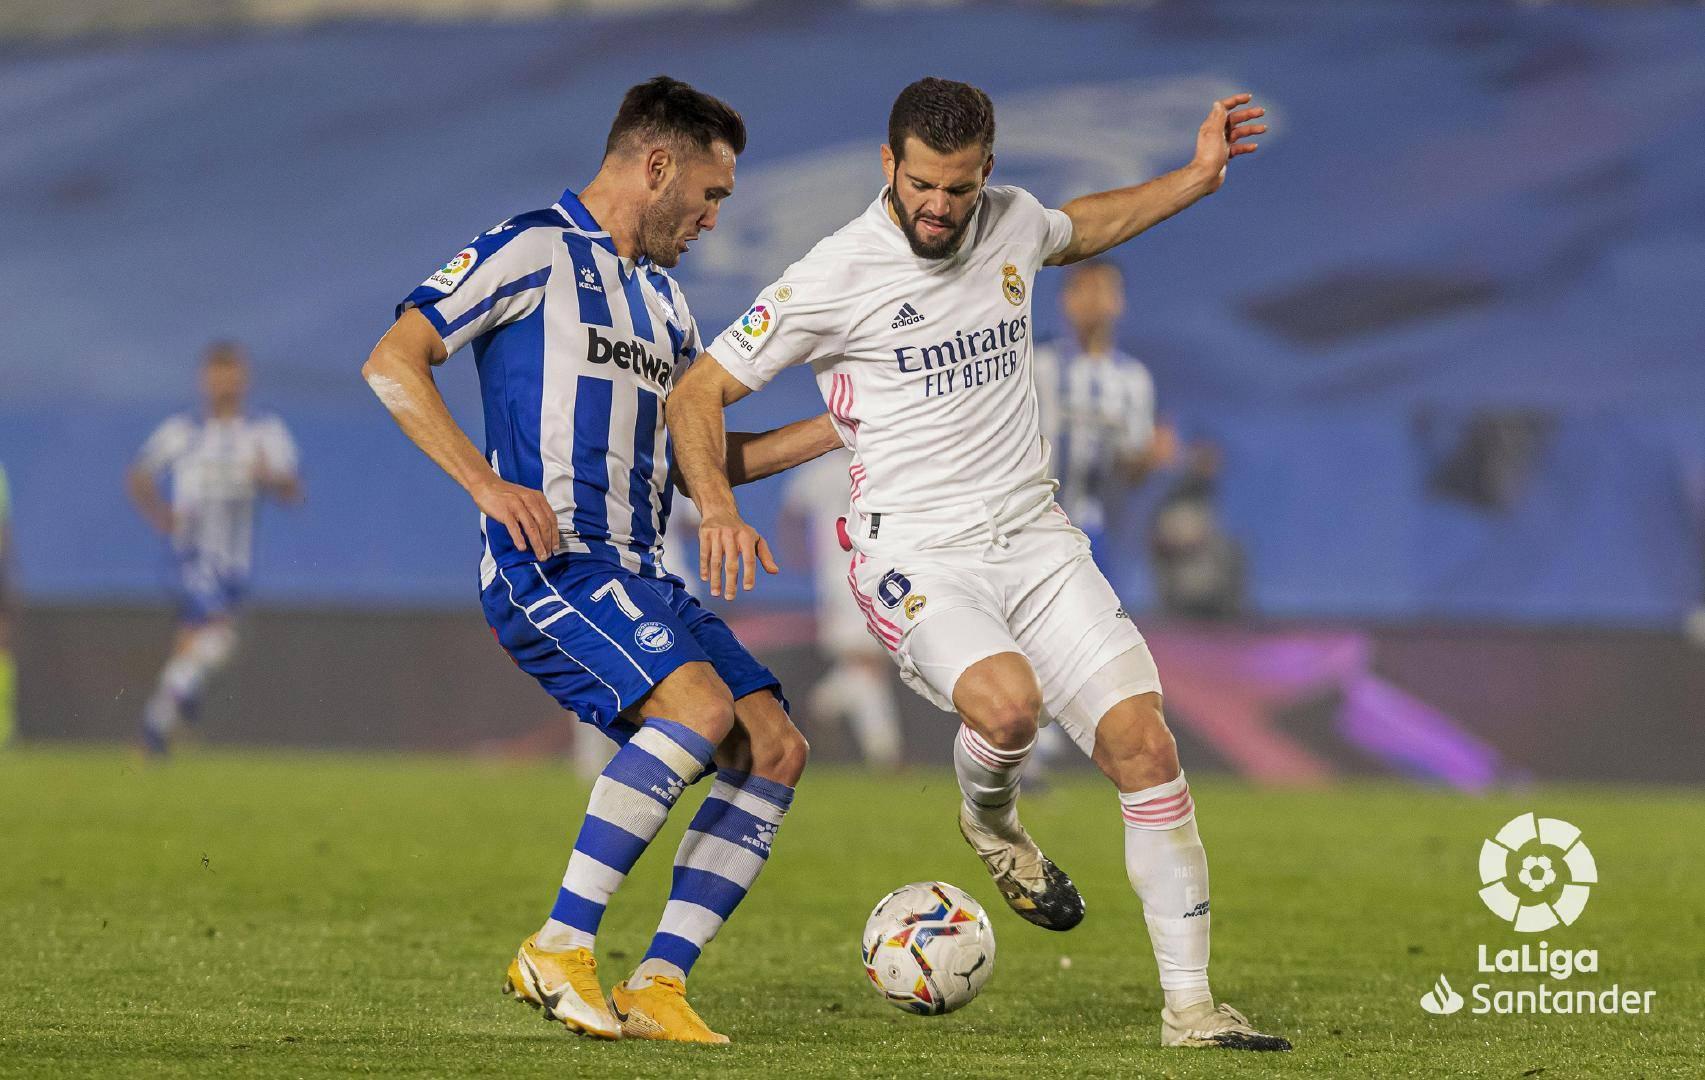 西甲第十一轮皇家马德里1:2阿拉维斯,卡塞米罗为皇马攻入一球